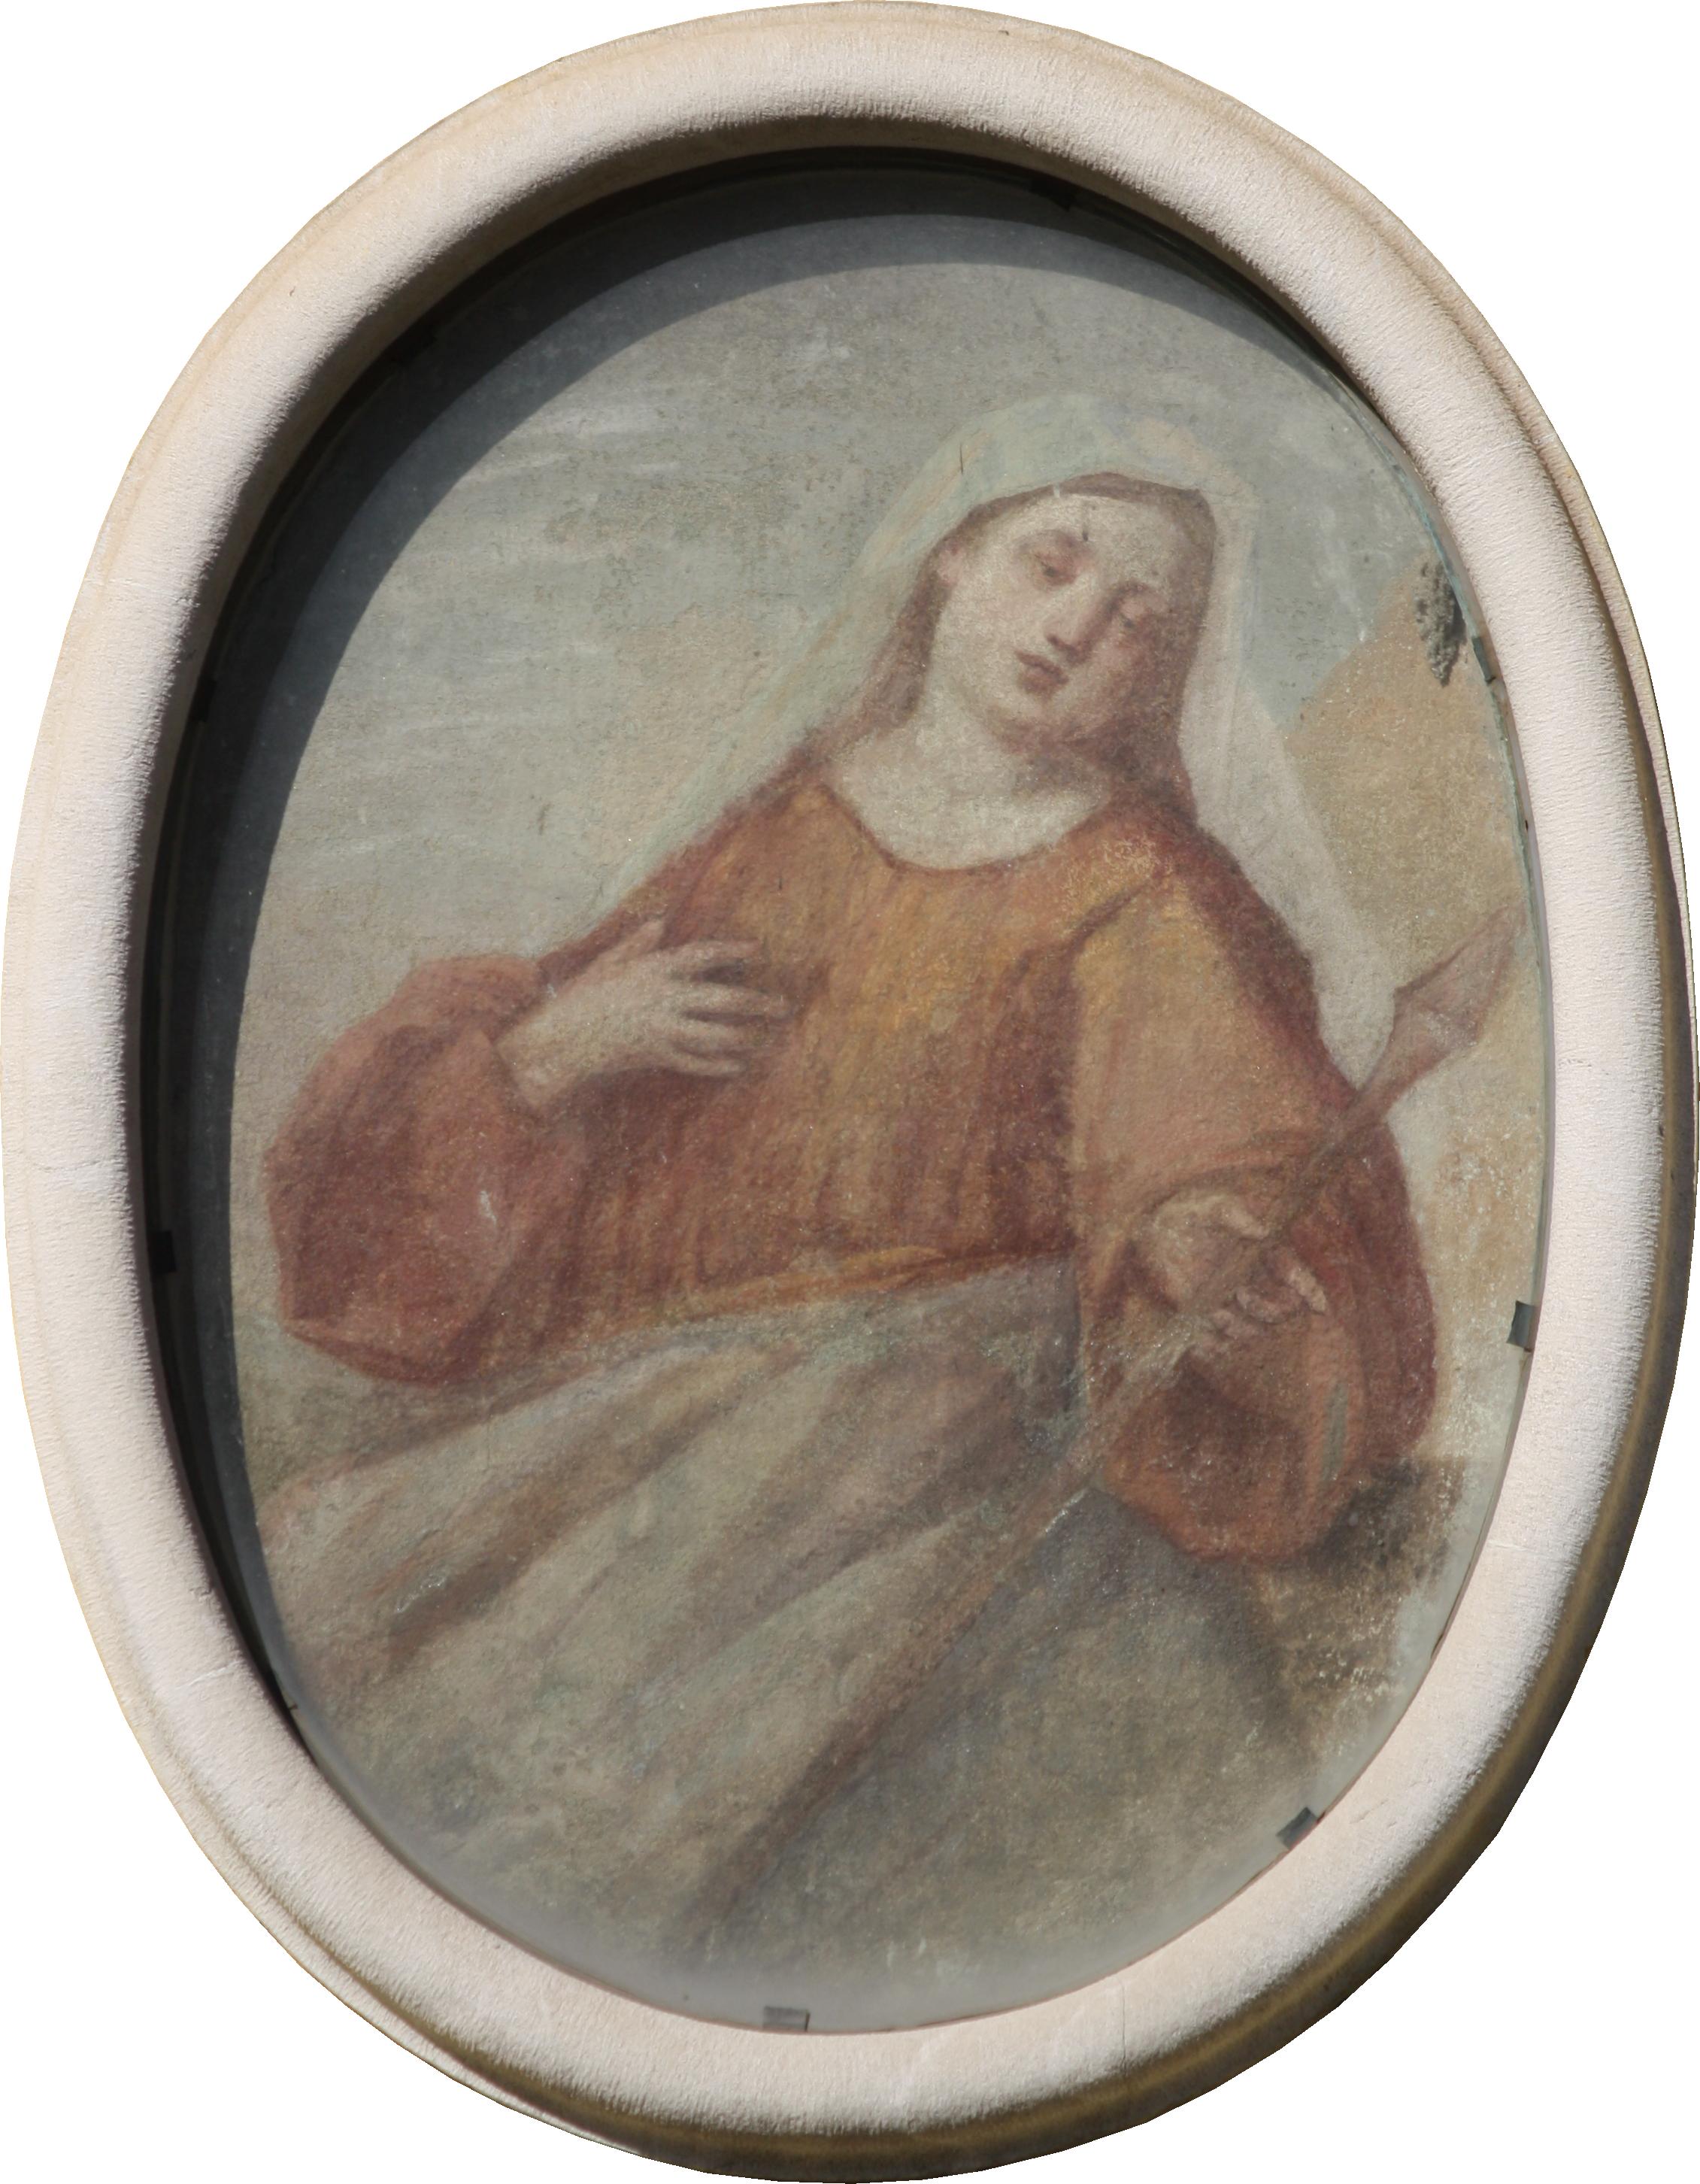 Home Design Busto Arsizio file:addolorata - fresco in busto arsizio by biagio bellotti